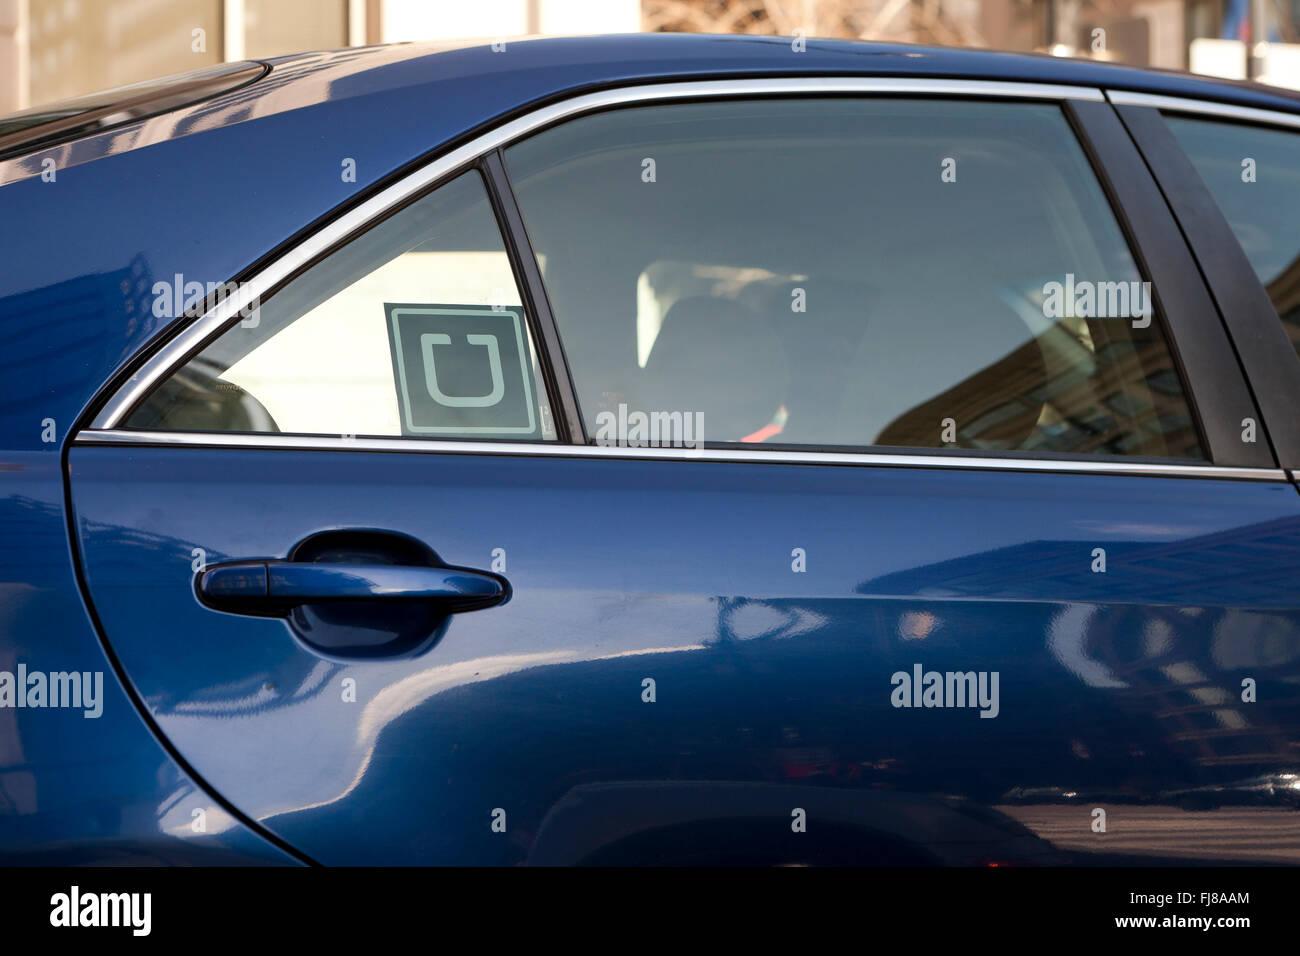 Super adhesivo en ventanilla - EE.UU. Imagen De Stock